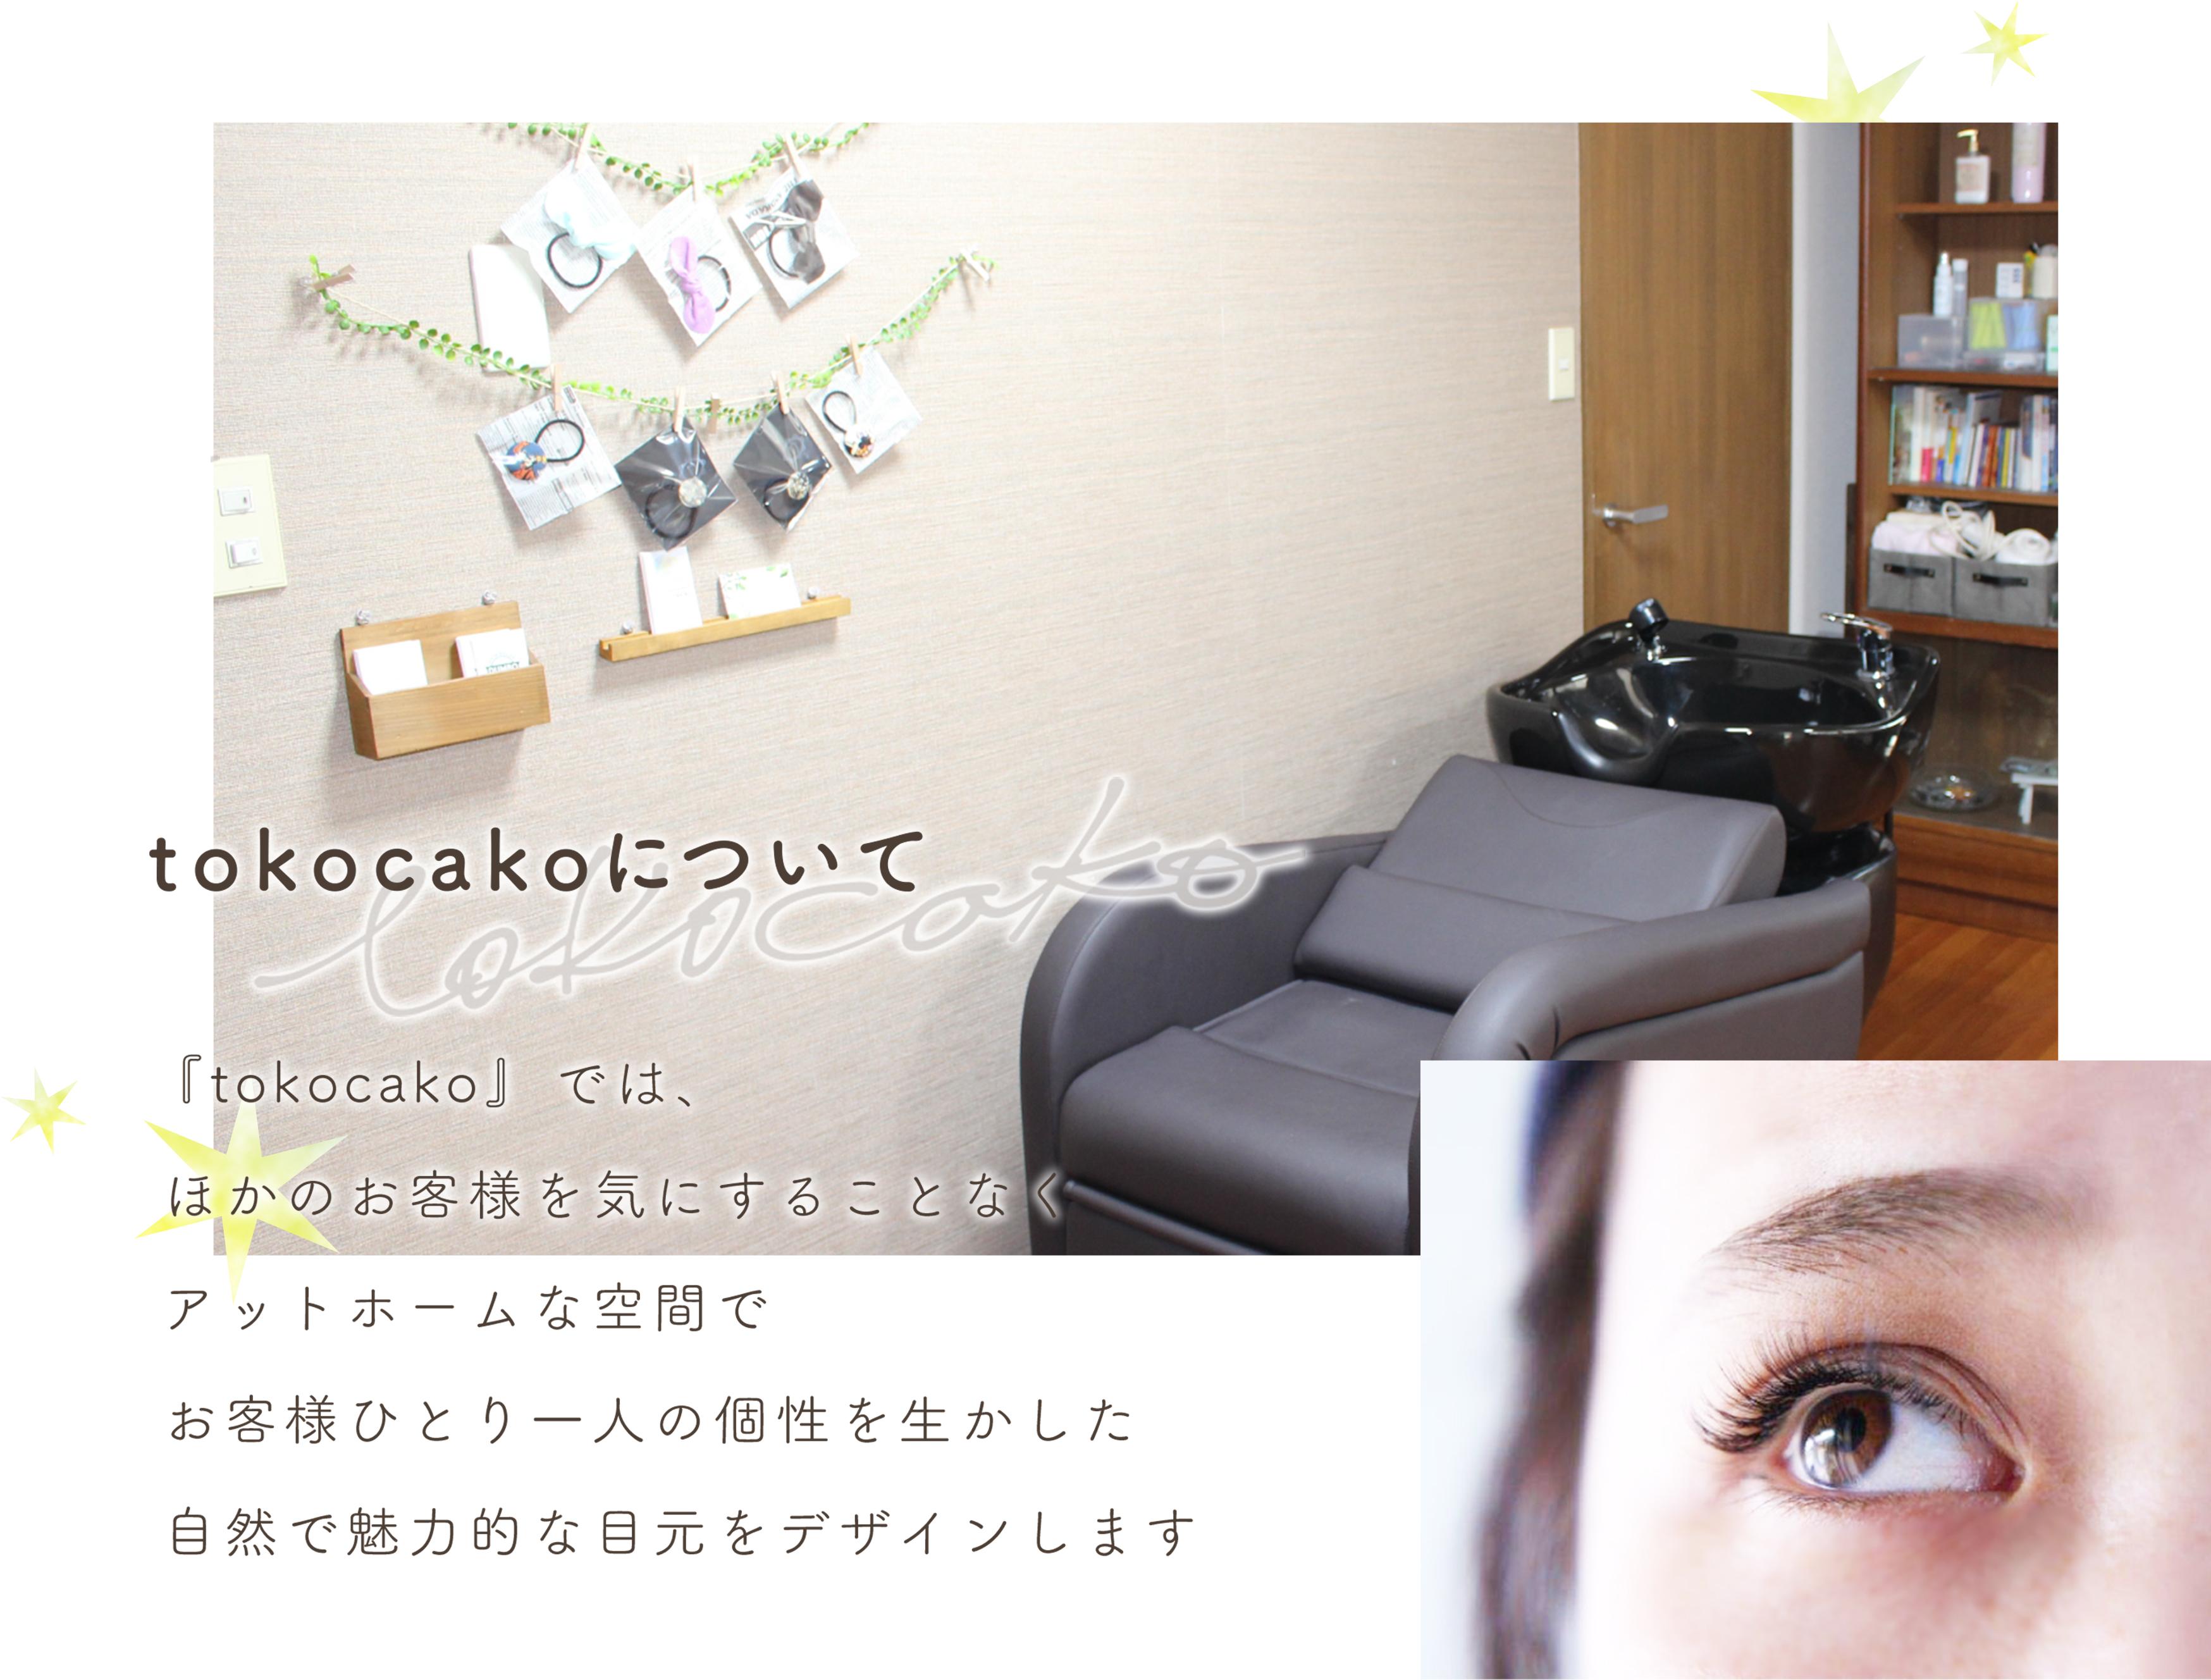 tokocakoについて『tokocako』とは、お父さん、お母さんという意味。家族と過ごすような心地よい空間でお客様ひとり一人の個性を生かした自然で魅力的な目元をデザインします。